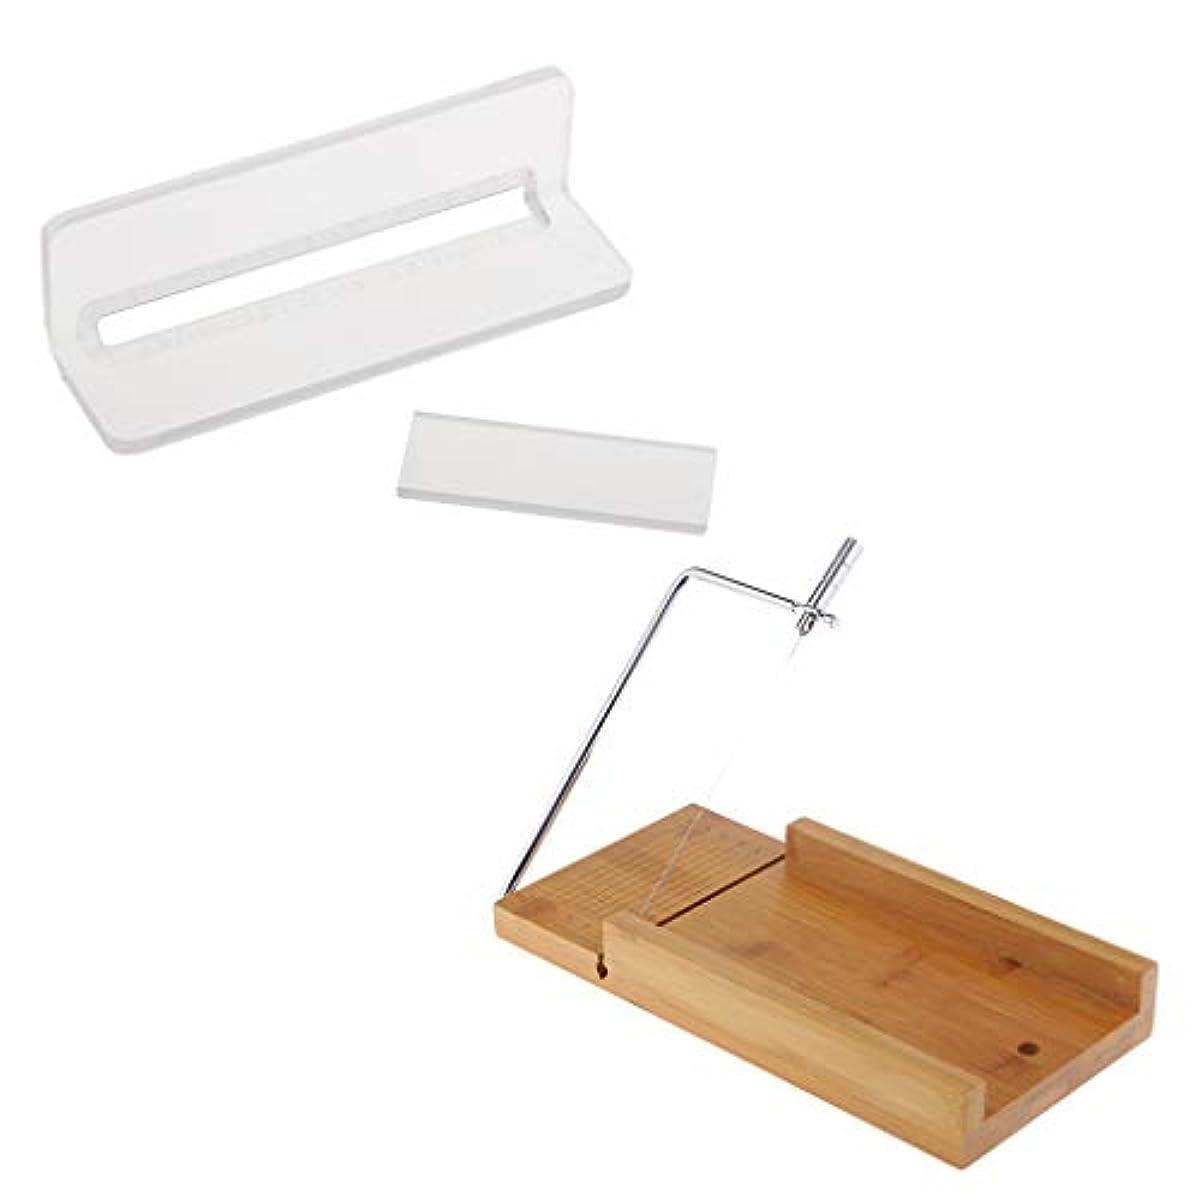 箱飛ぶ導出ソープカッター 木製 石鹸カッター ローフカッター チーズナイフ 2個入り